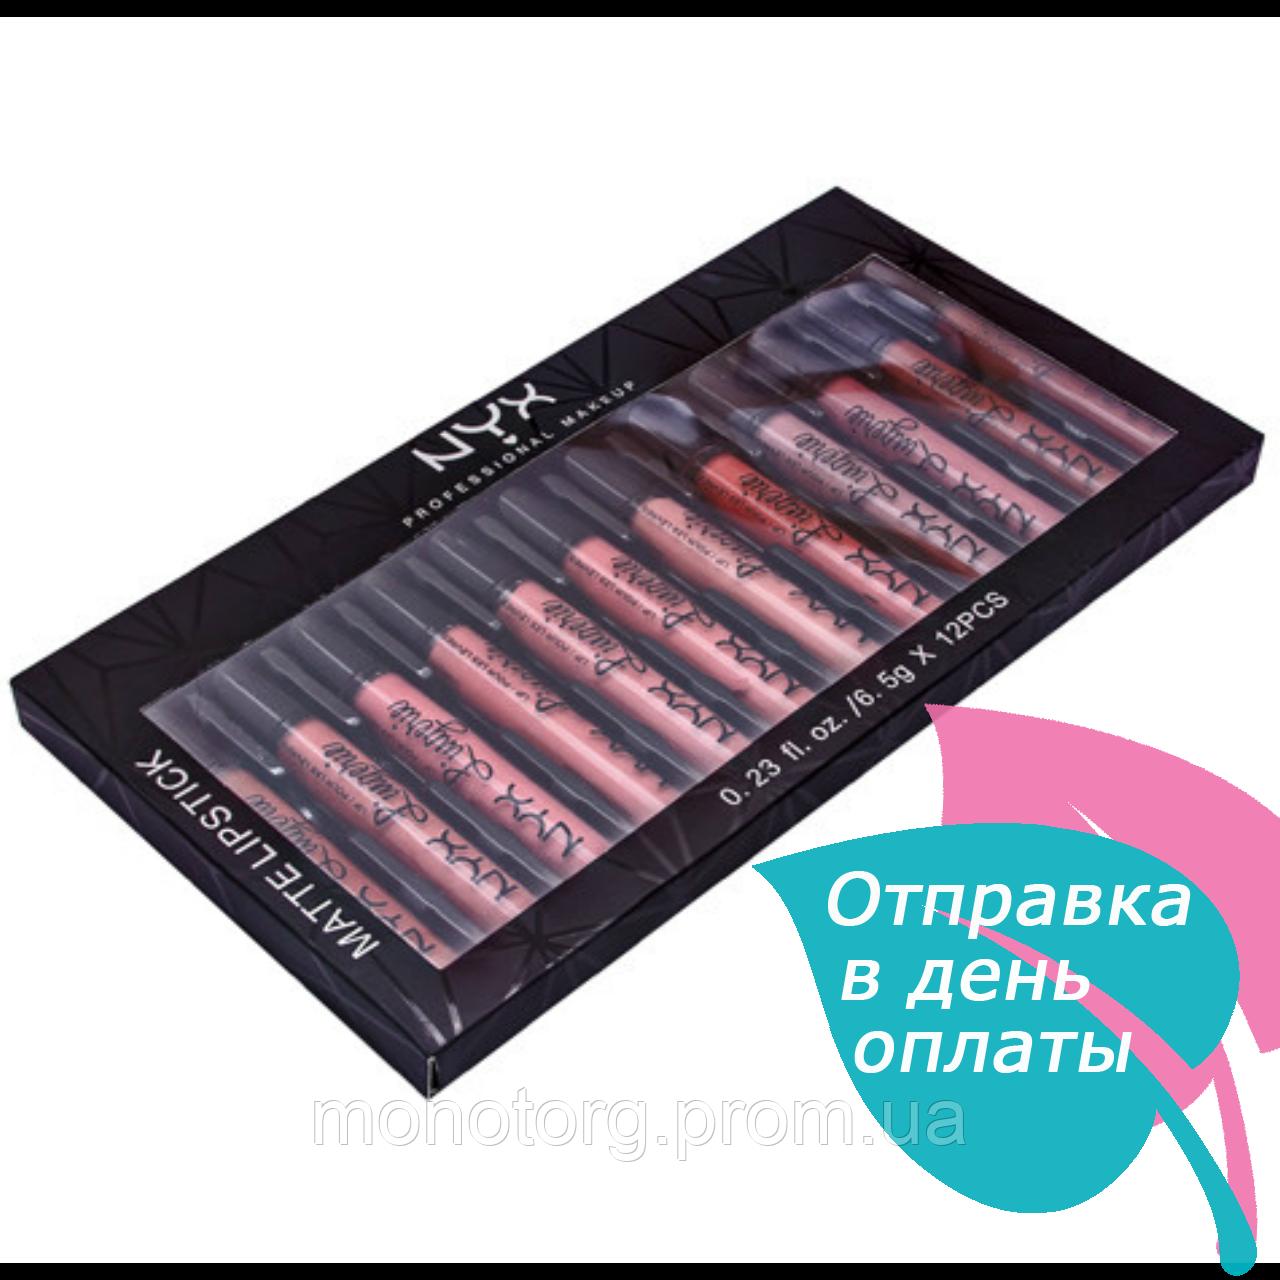 Набор жидких матовых помад NYX Professional Makeup